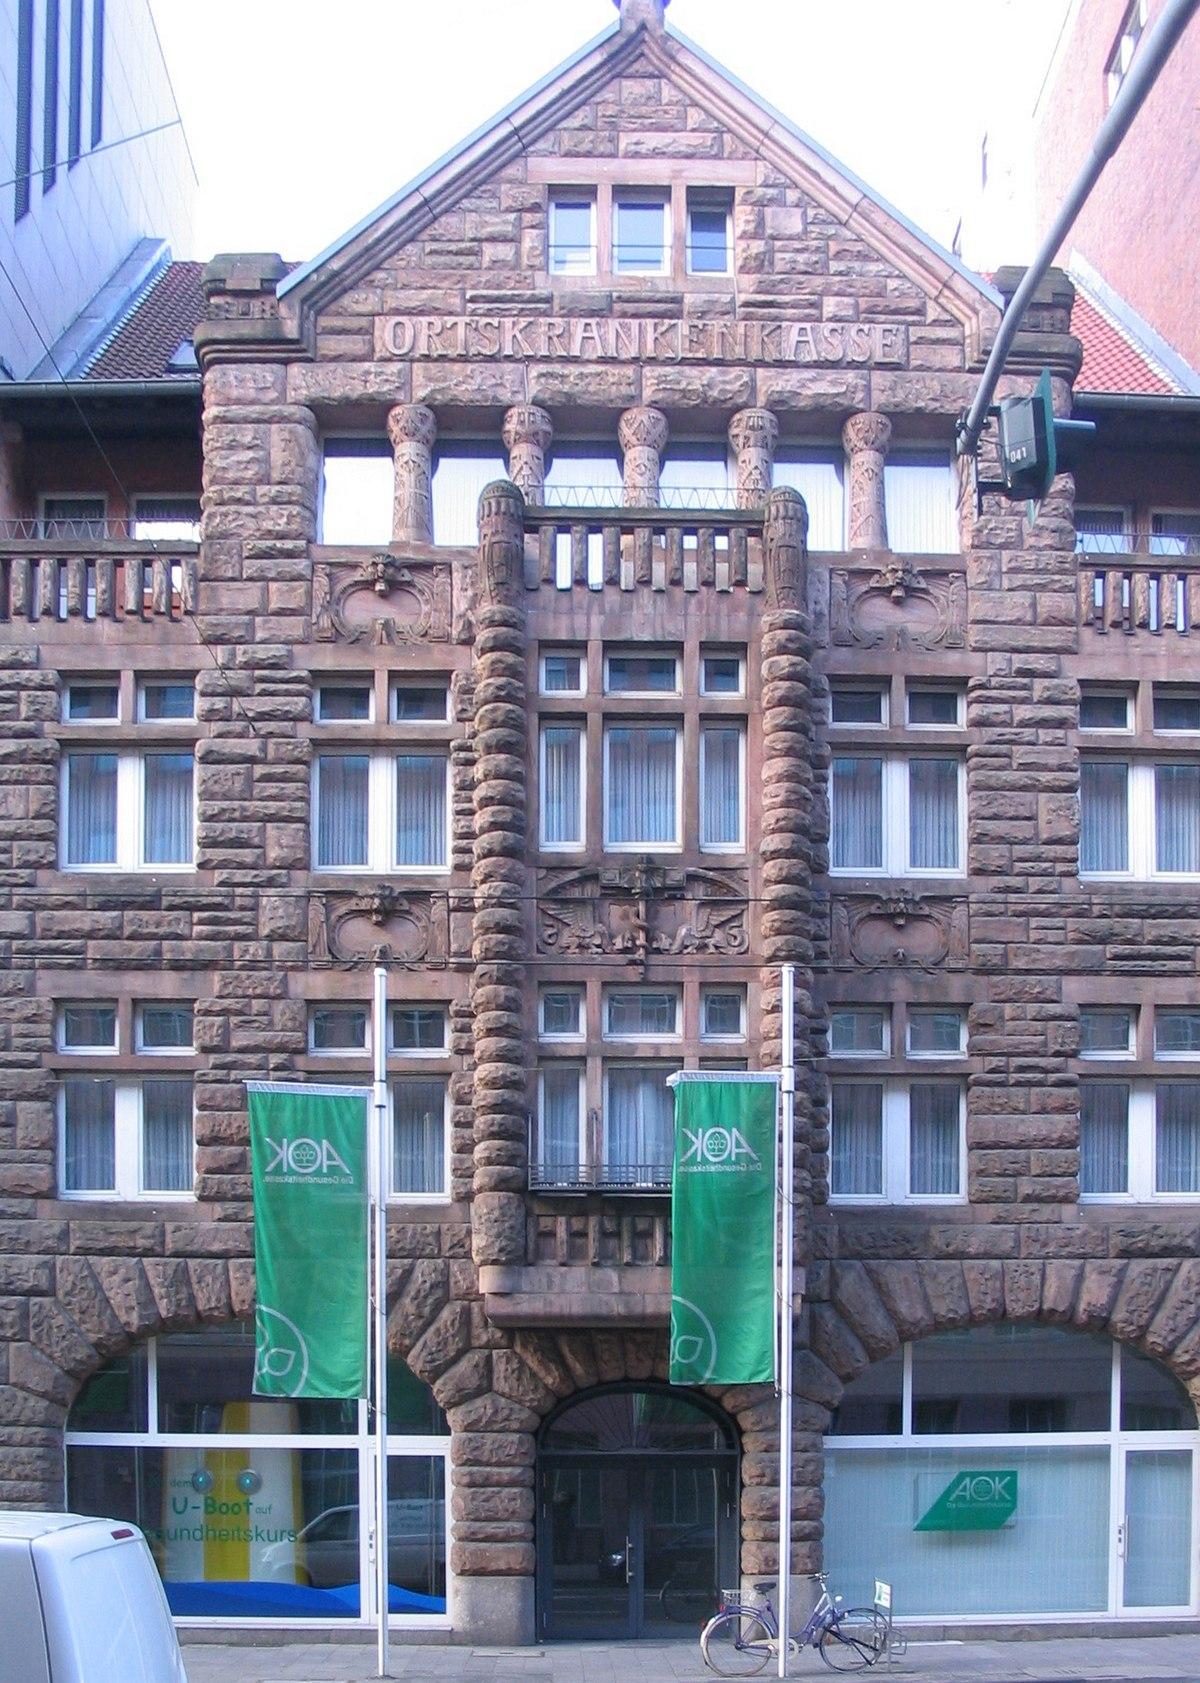 aok düsseldorf kasernenstraße